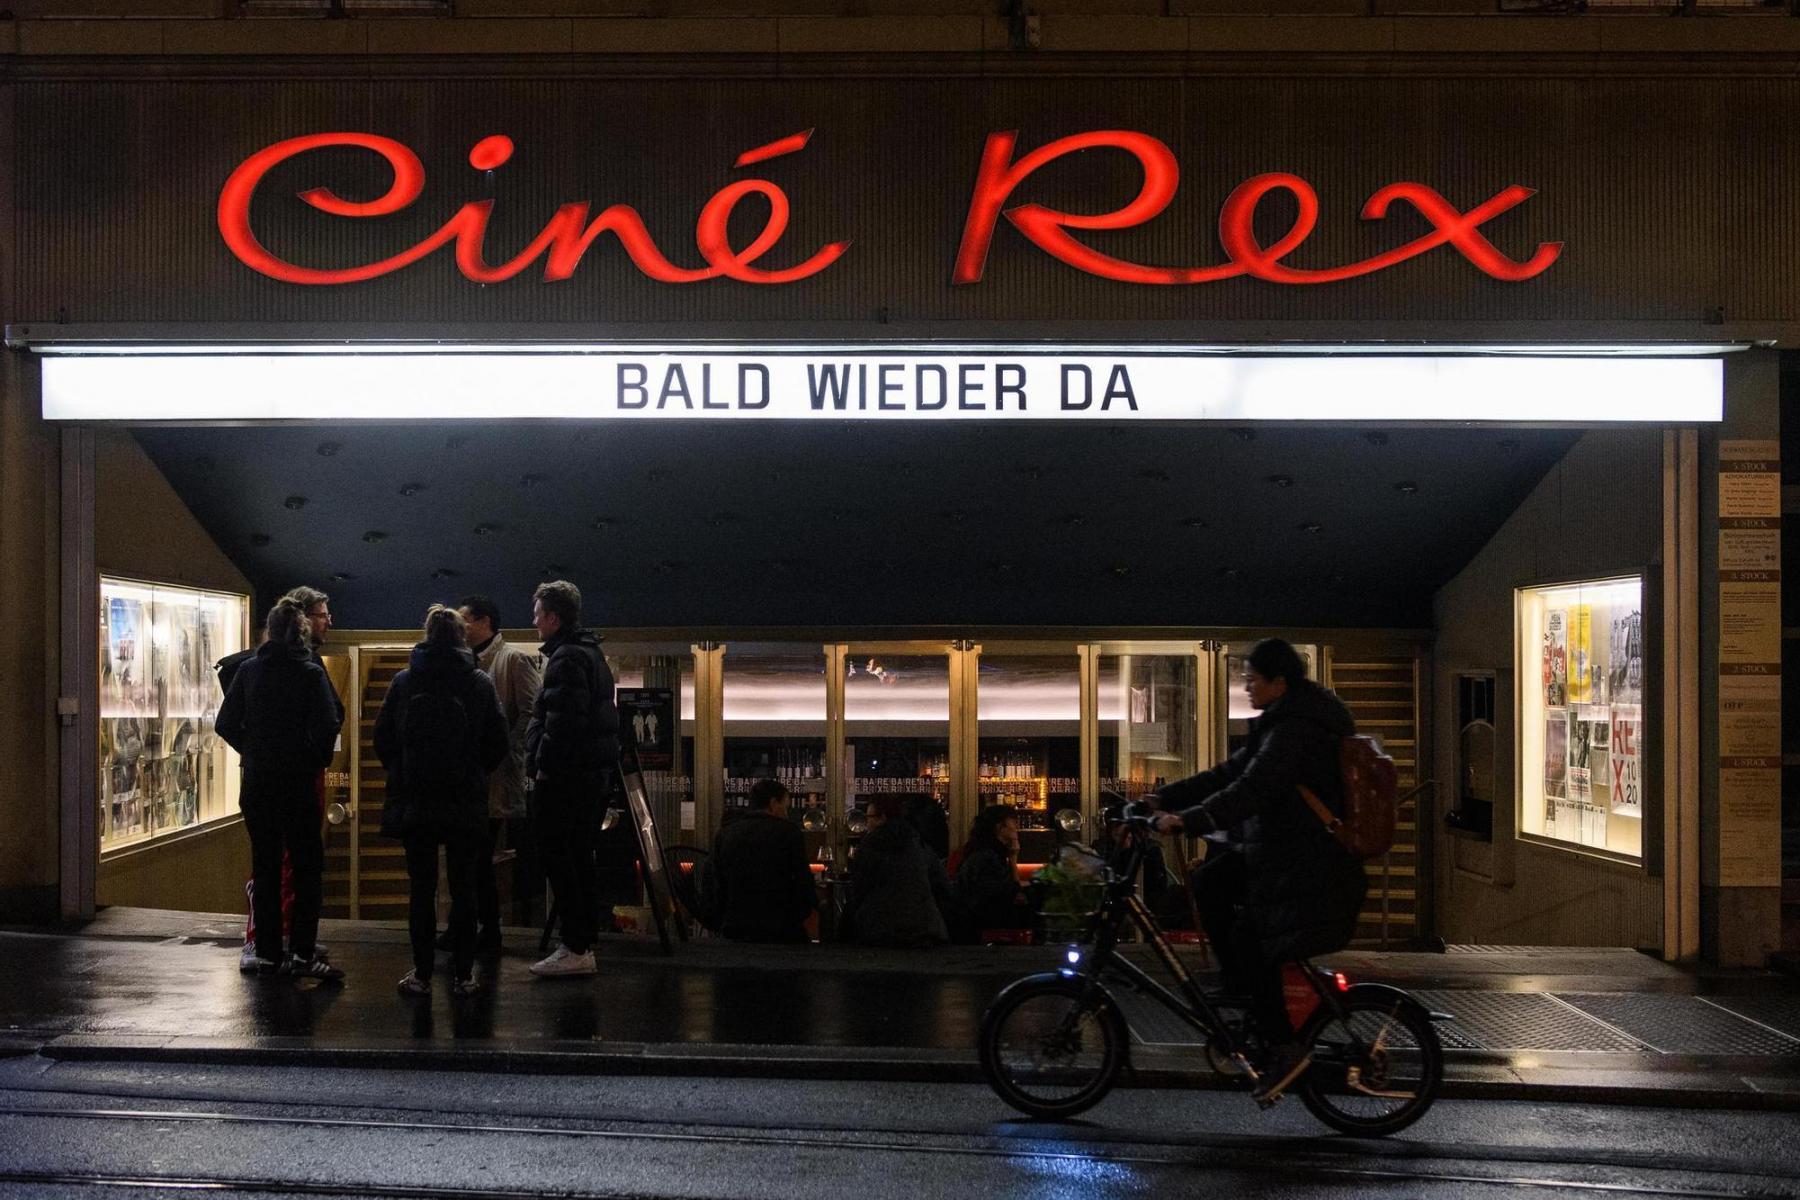 Vorerst letzte Vorführung im Kino Rex, nachdem am 23.10.2020 die Kantonsregierung die Schliessung von Kinos, Bars und Clubs im Kanton Bern verfügt hat. Foto: Raphael Moser